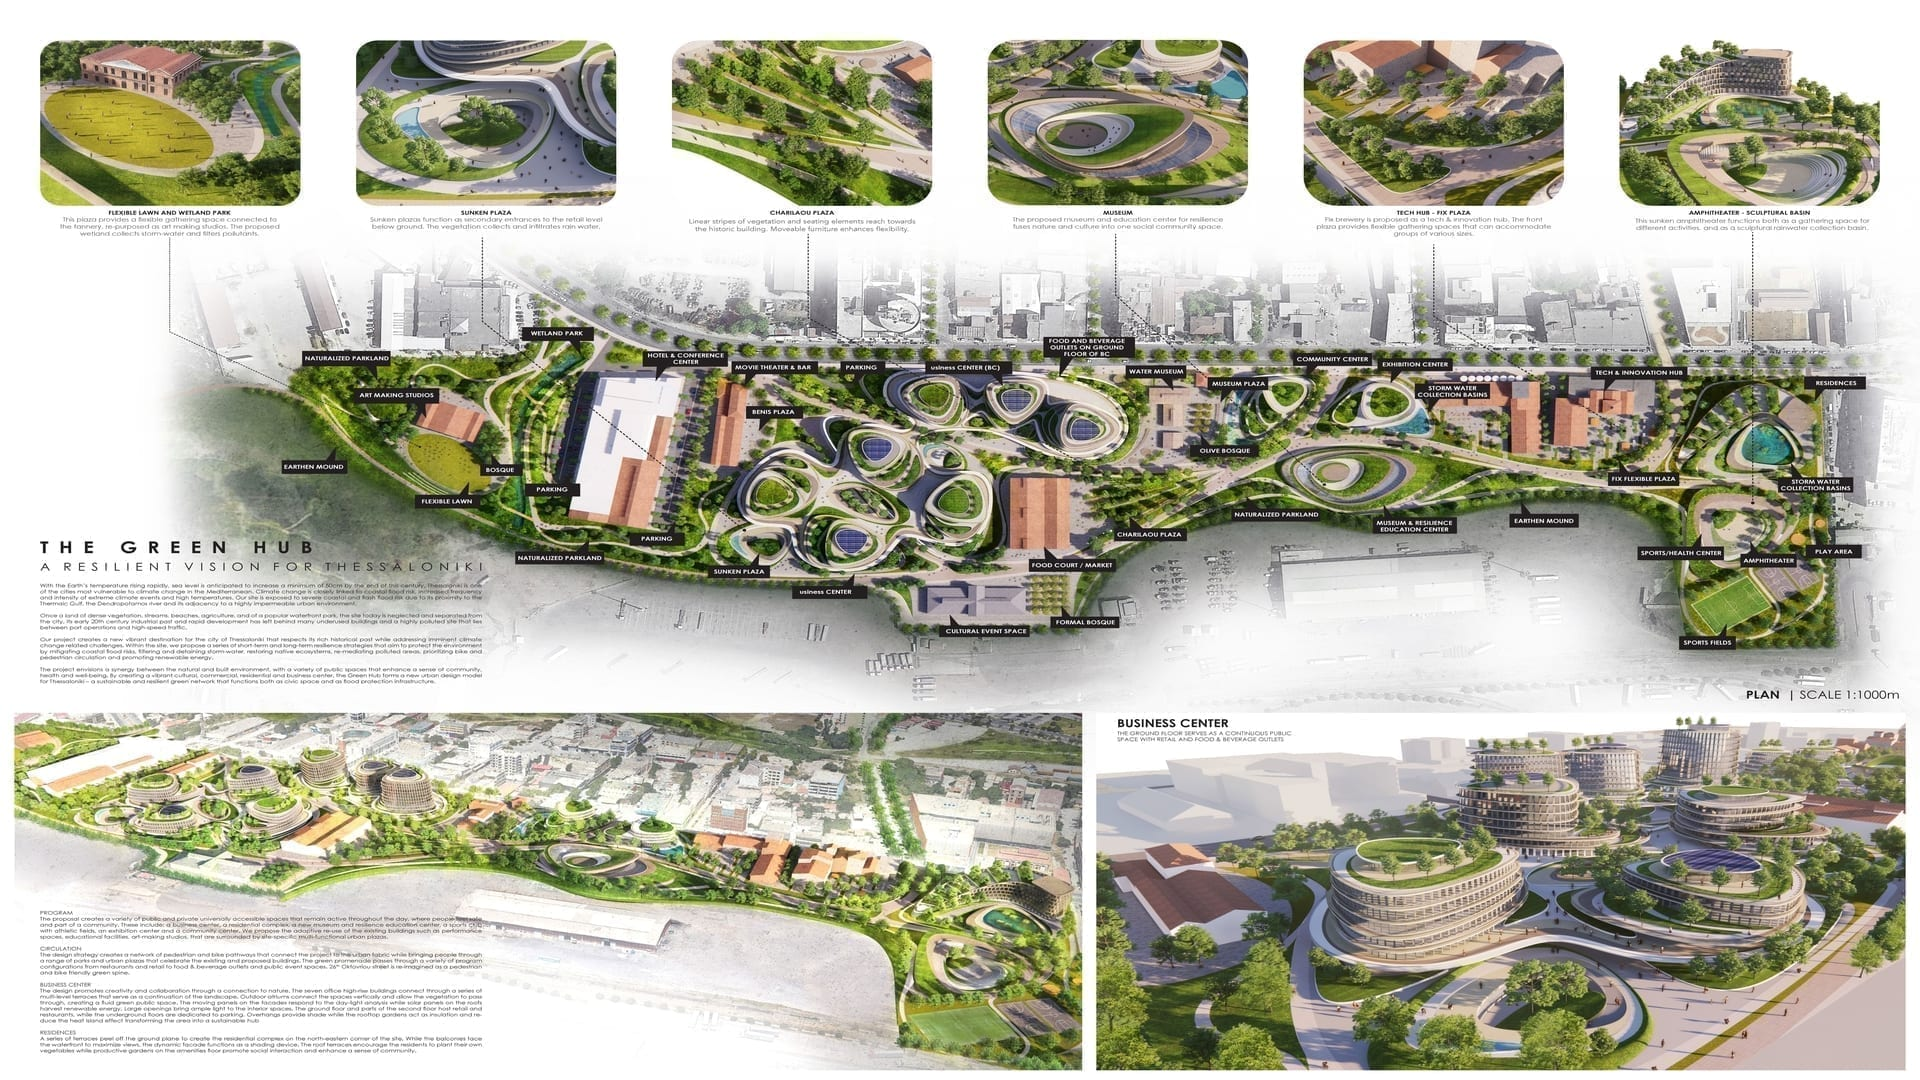 2nd Prize The Green Hub 1 1920X1080 - ArXellence 2: participare impresionantă la Competiția de Arhitectură realizată de ALUMIL pentru crearea noului Central Business District (CBD) din Salonic, Grecia